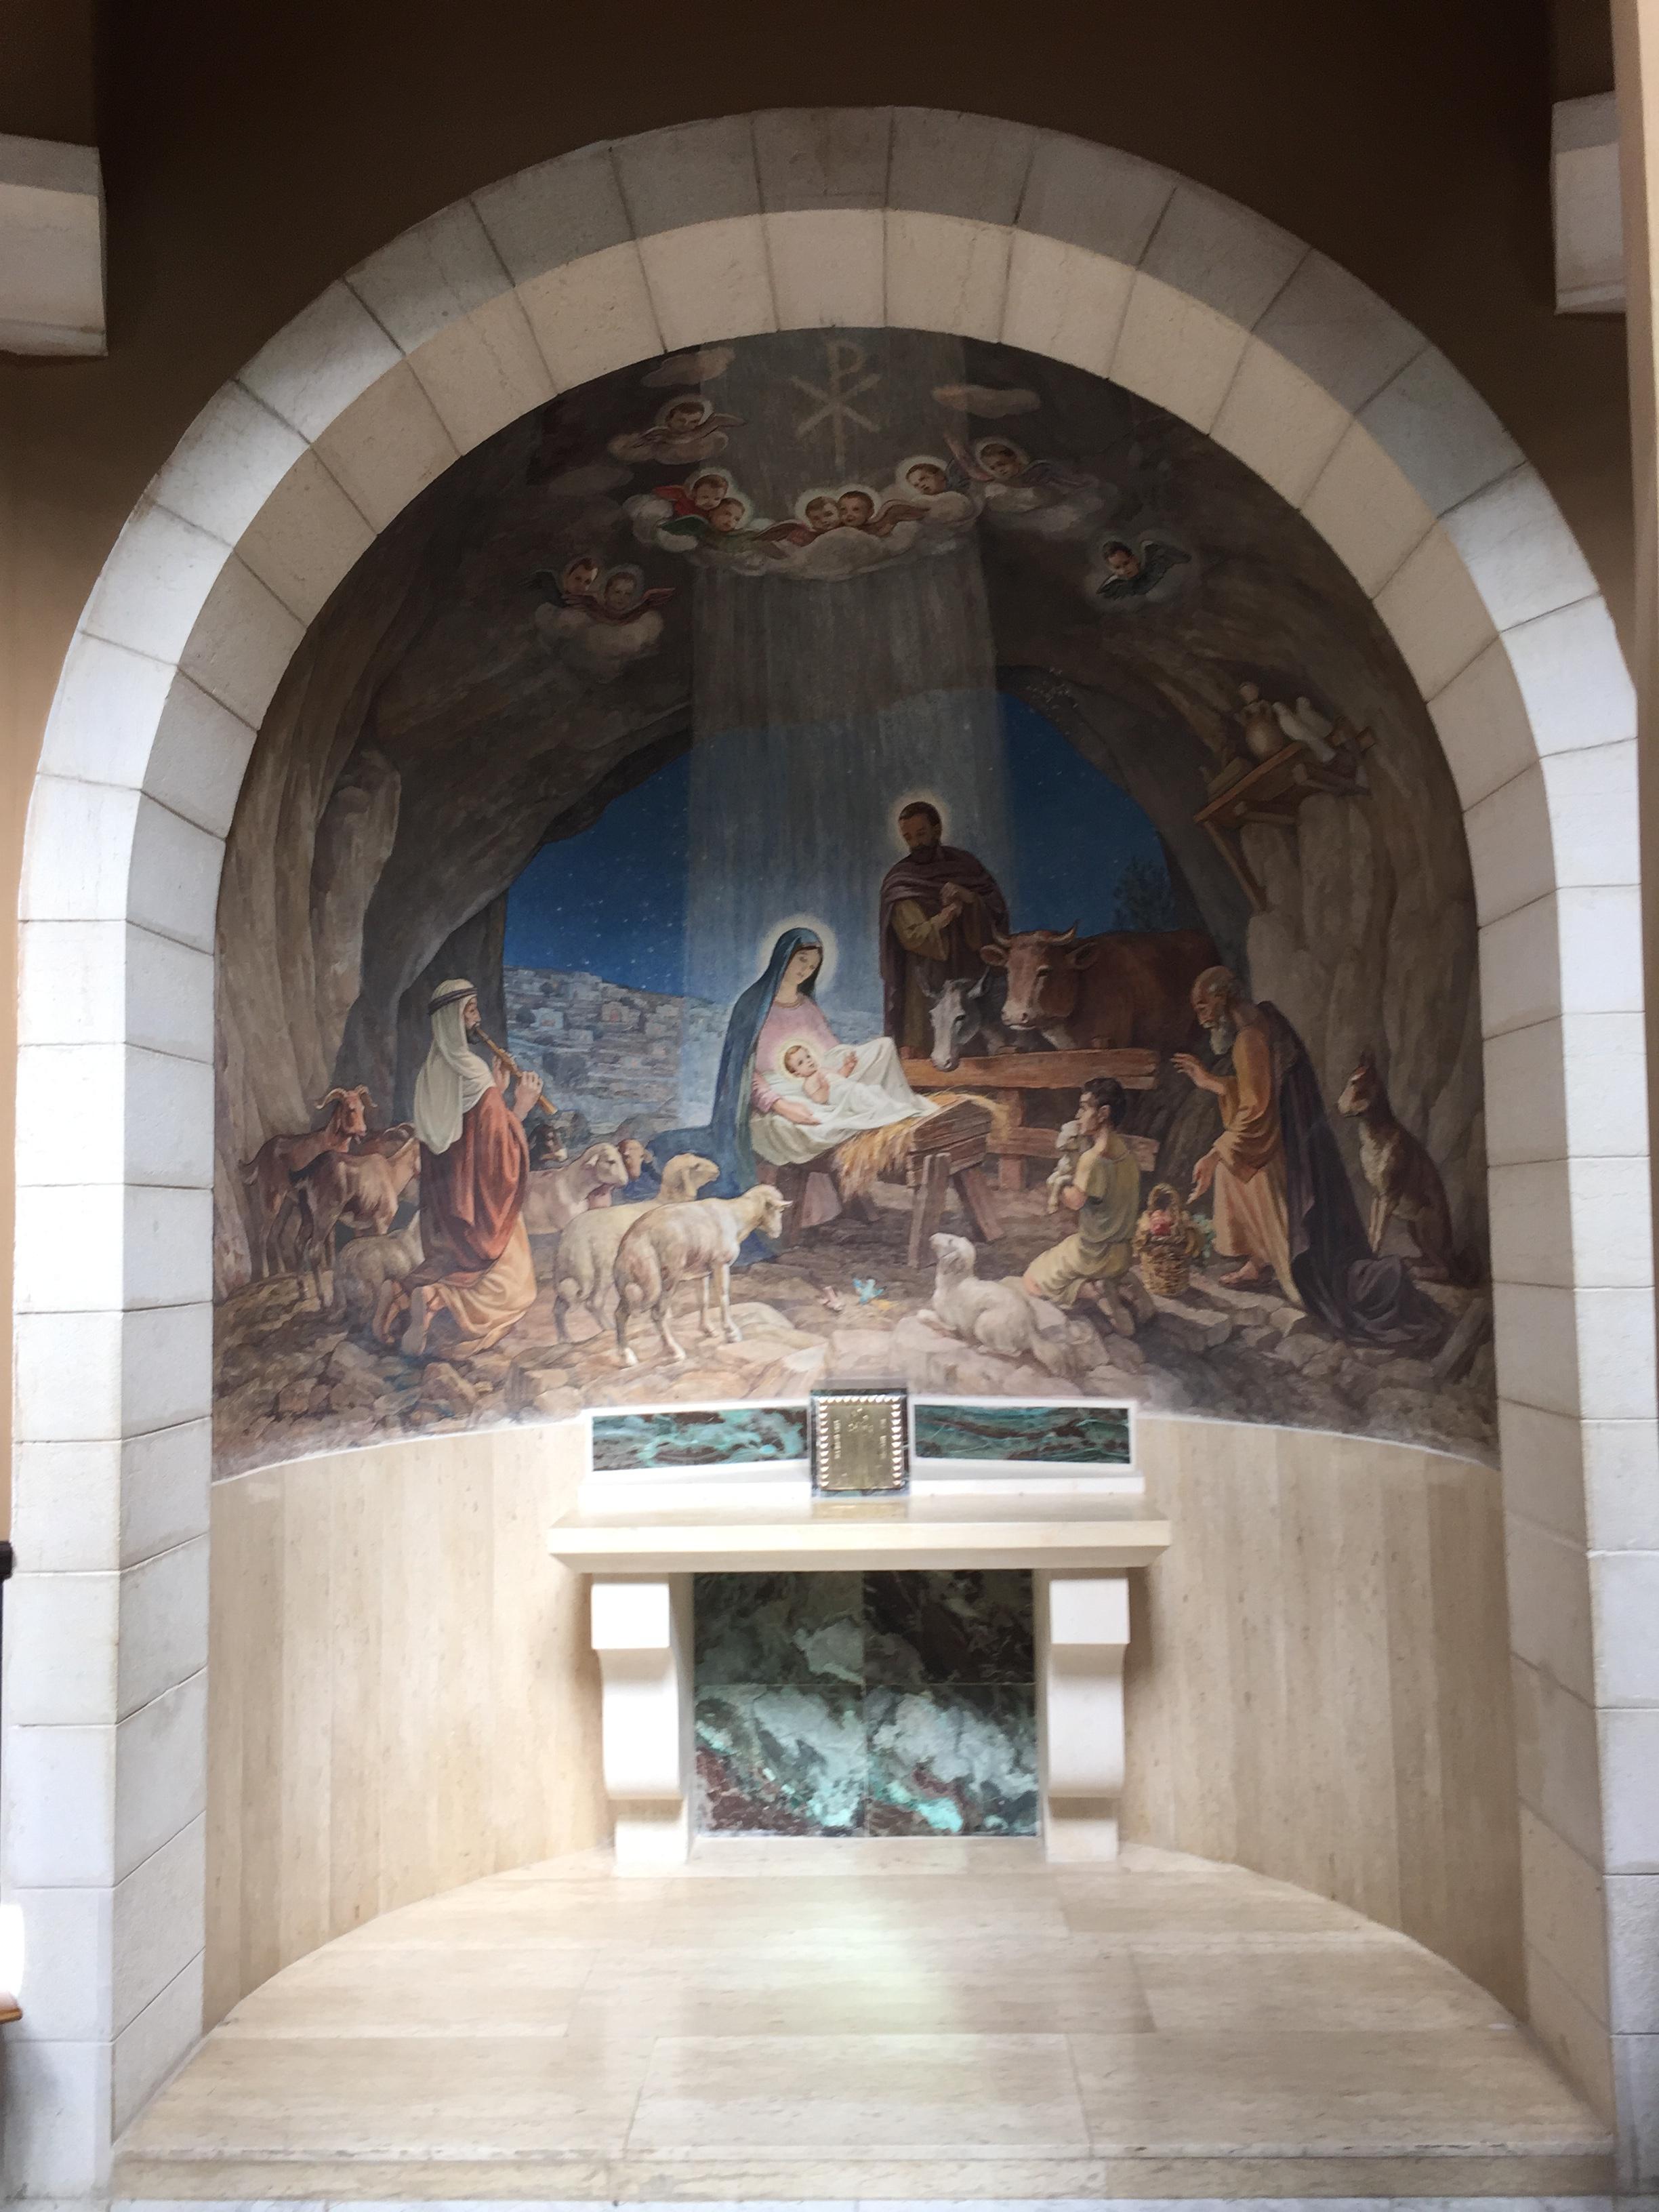 079_Bethlehem_Chapel_of_Shepherds_Fields